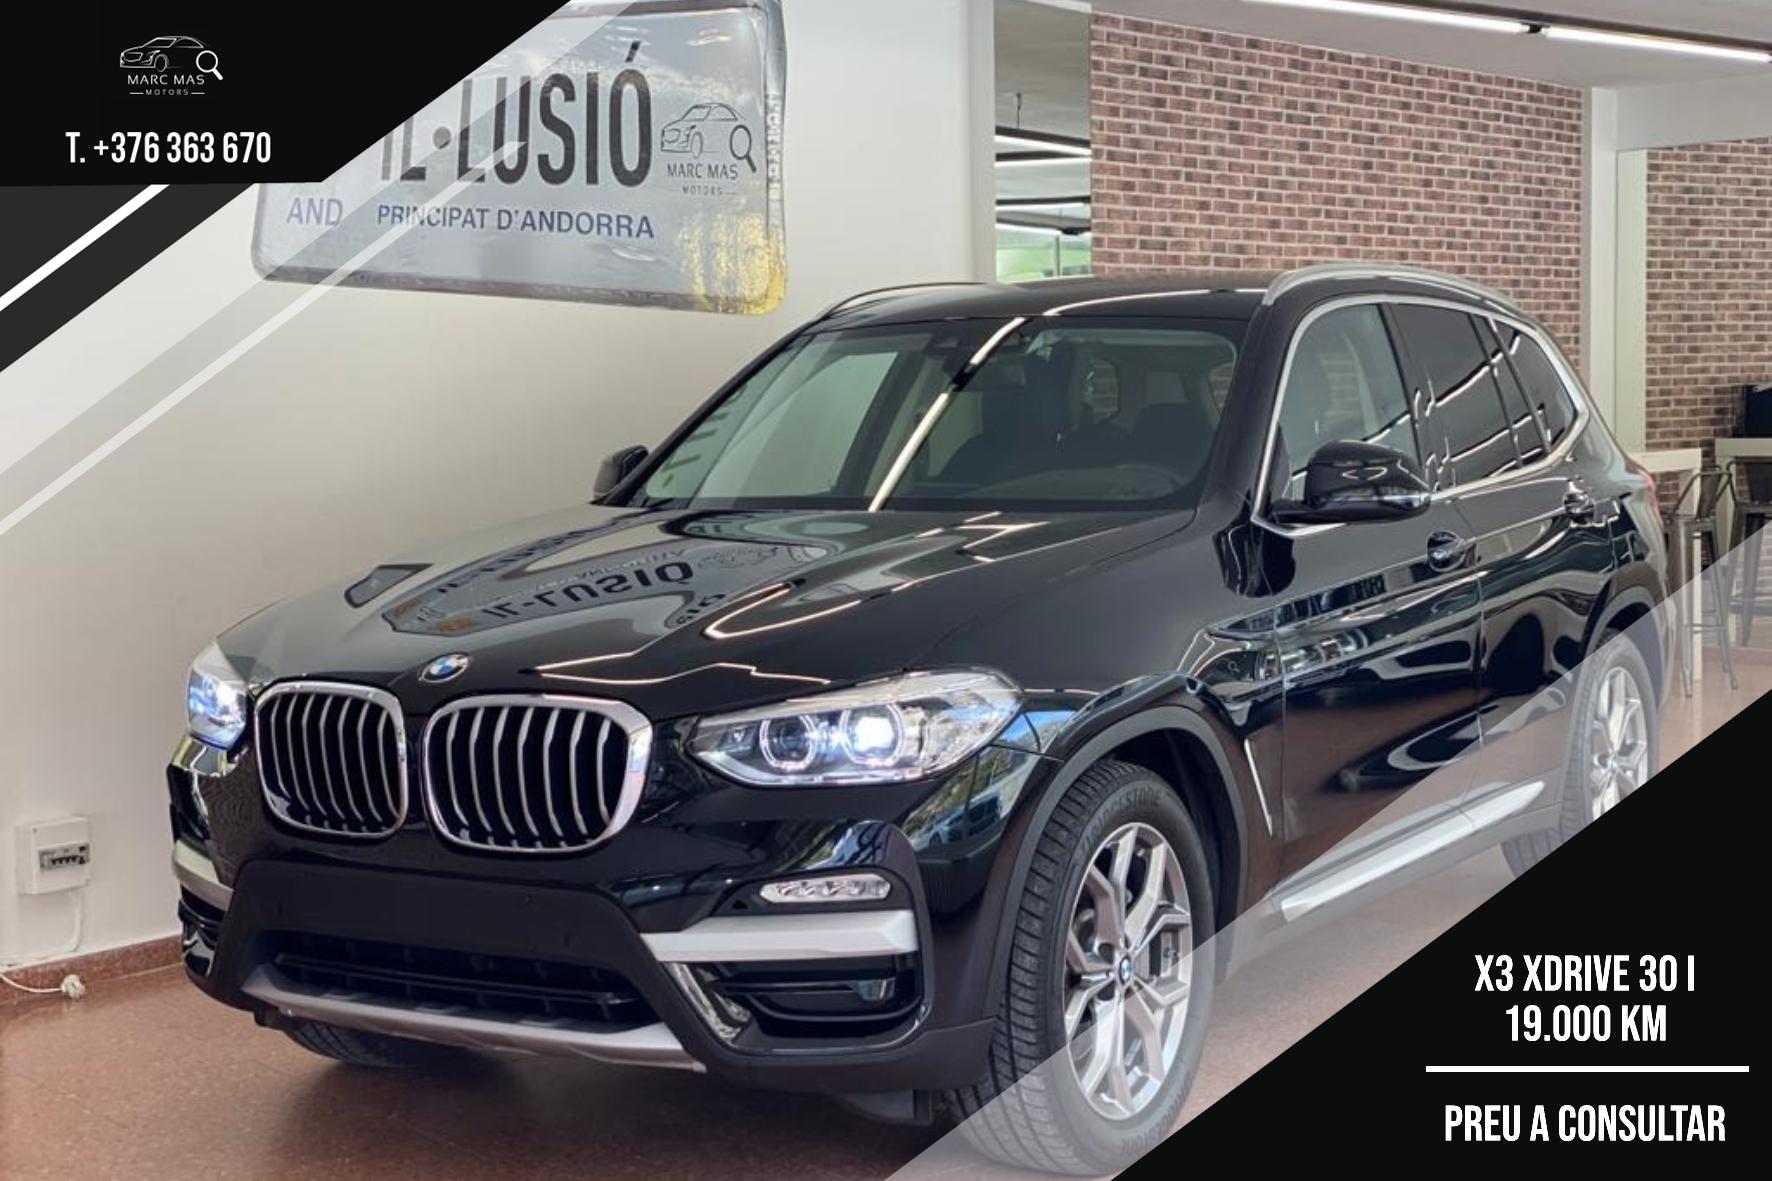 BMW - X3 - X3 XDRIVE 30I X3 XDRIVE 30I Benzina  2018  19.000 Km